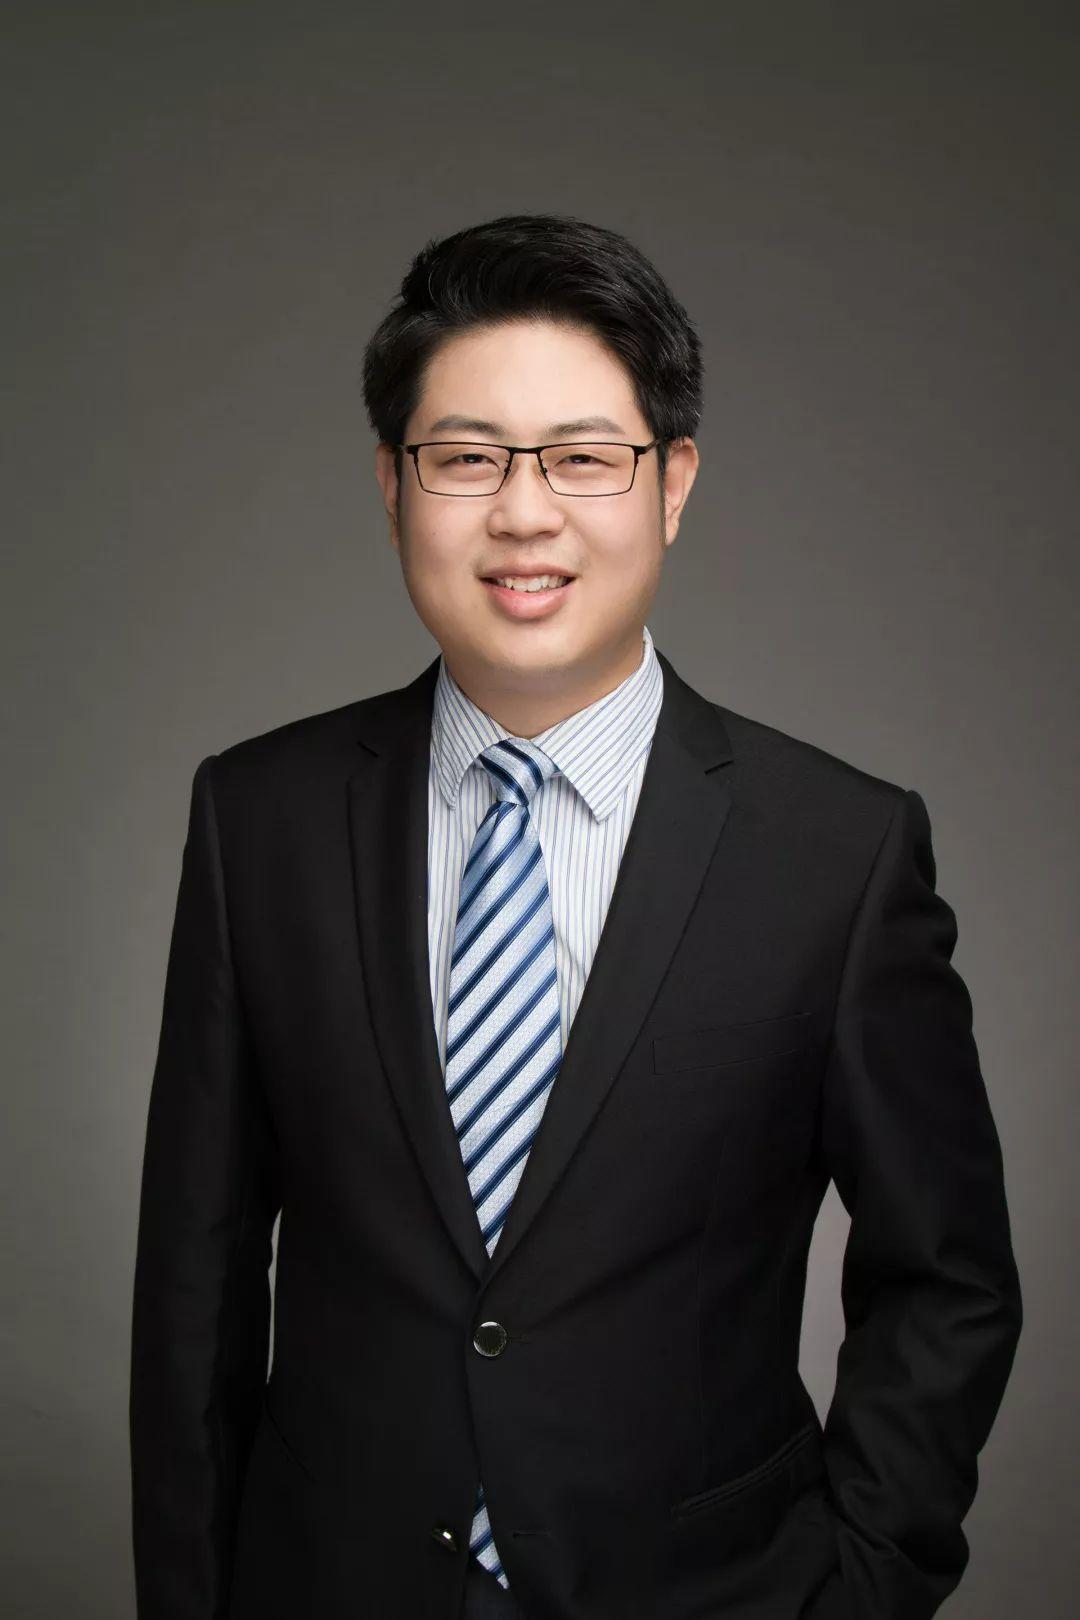 http://www.qwican.com/caijingjingji/2777461.html